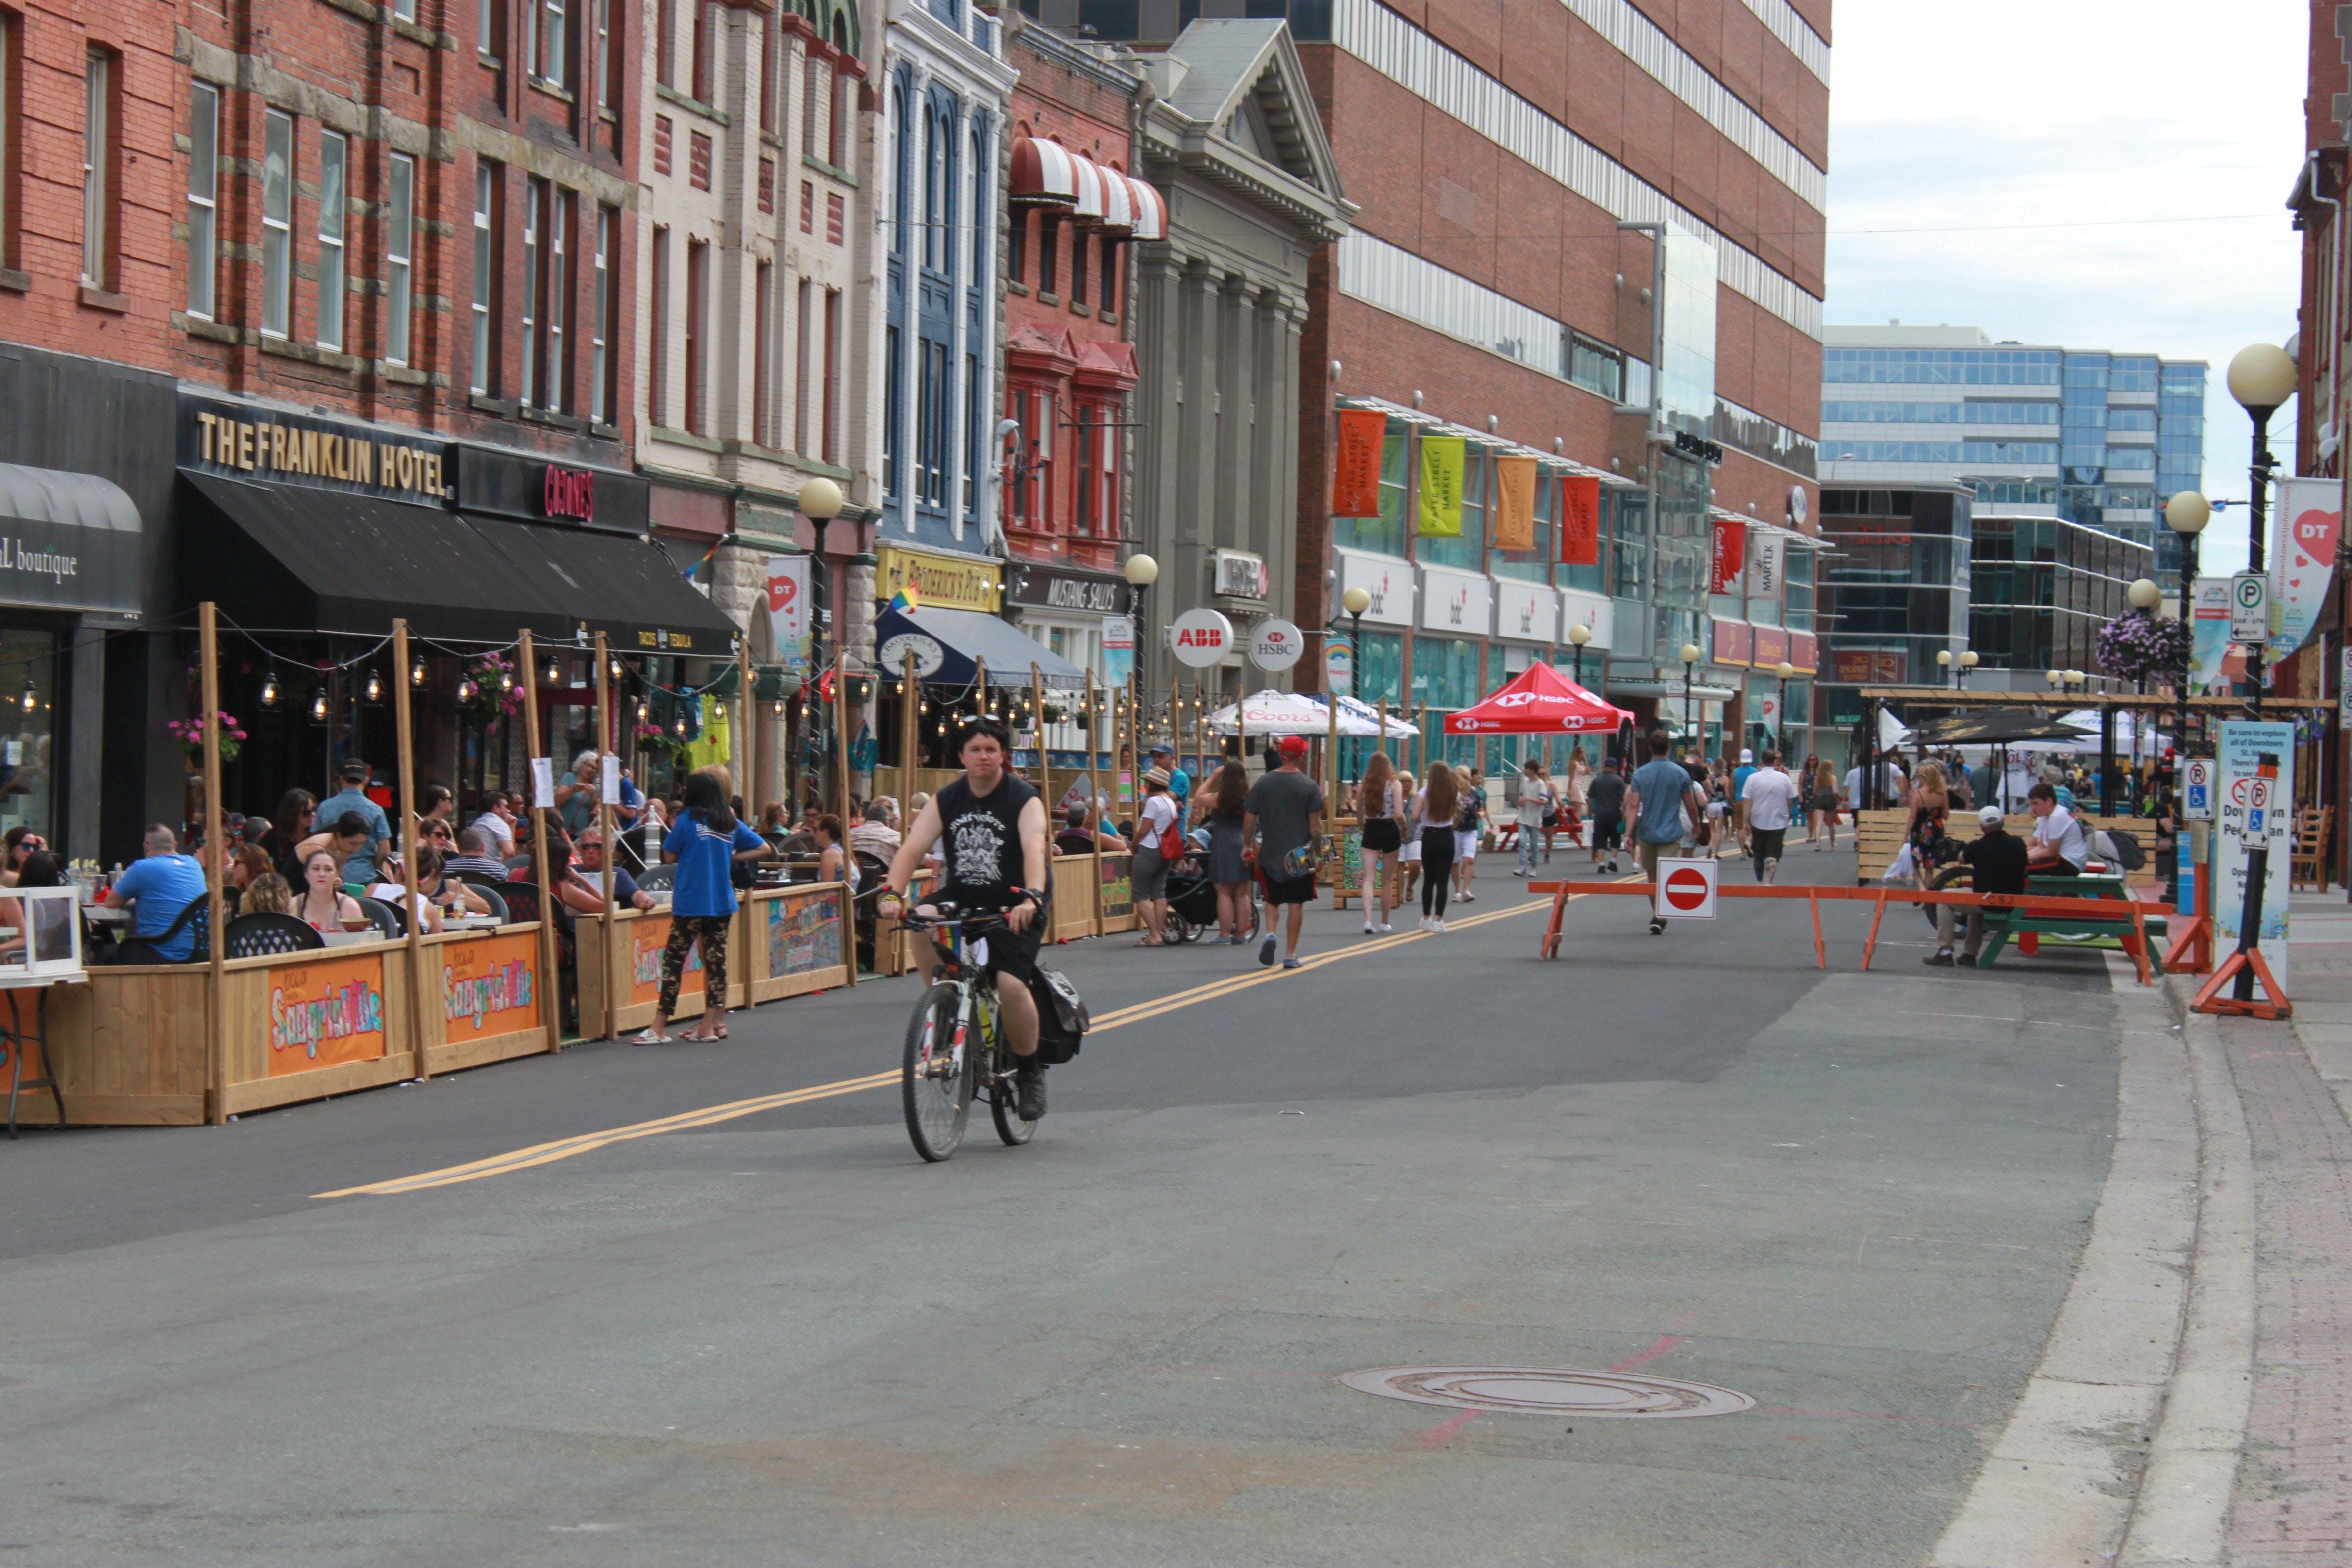 PIC_Water Street Pedestrian Mall_pedestrians restaurant patrons bicyclist.jpg